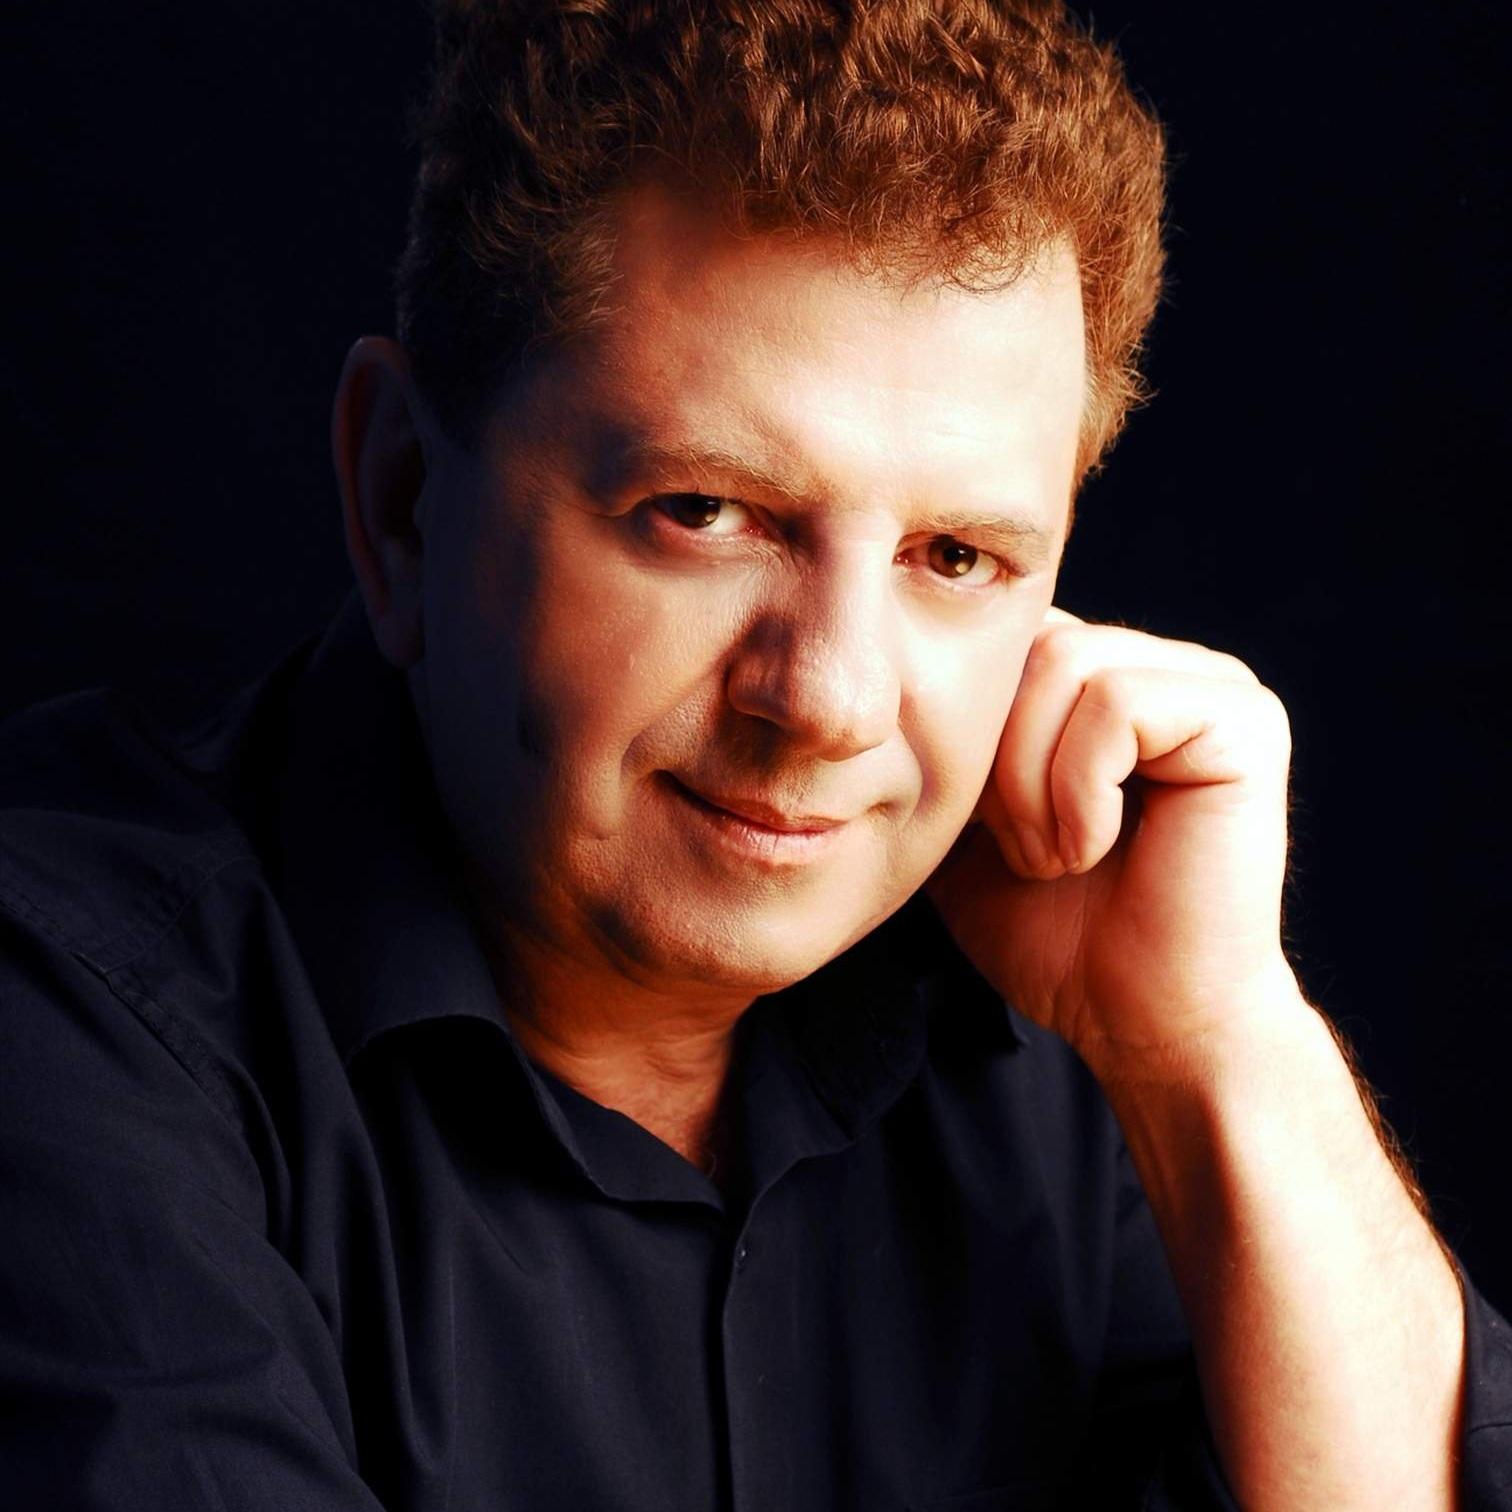 WINNER - Jorge FerreiraUSA